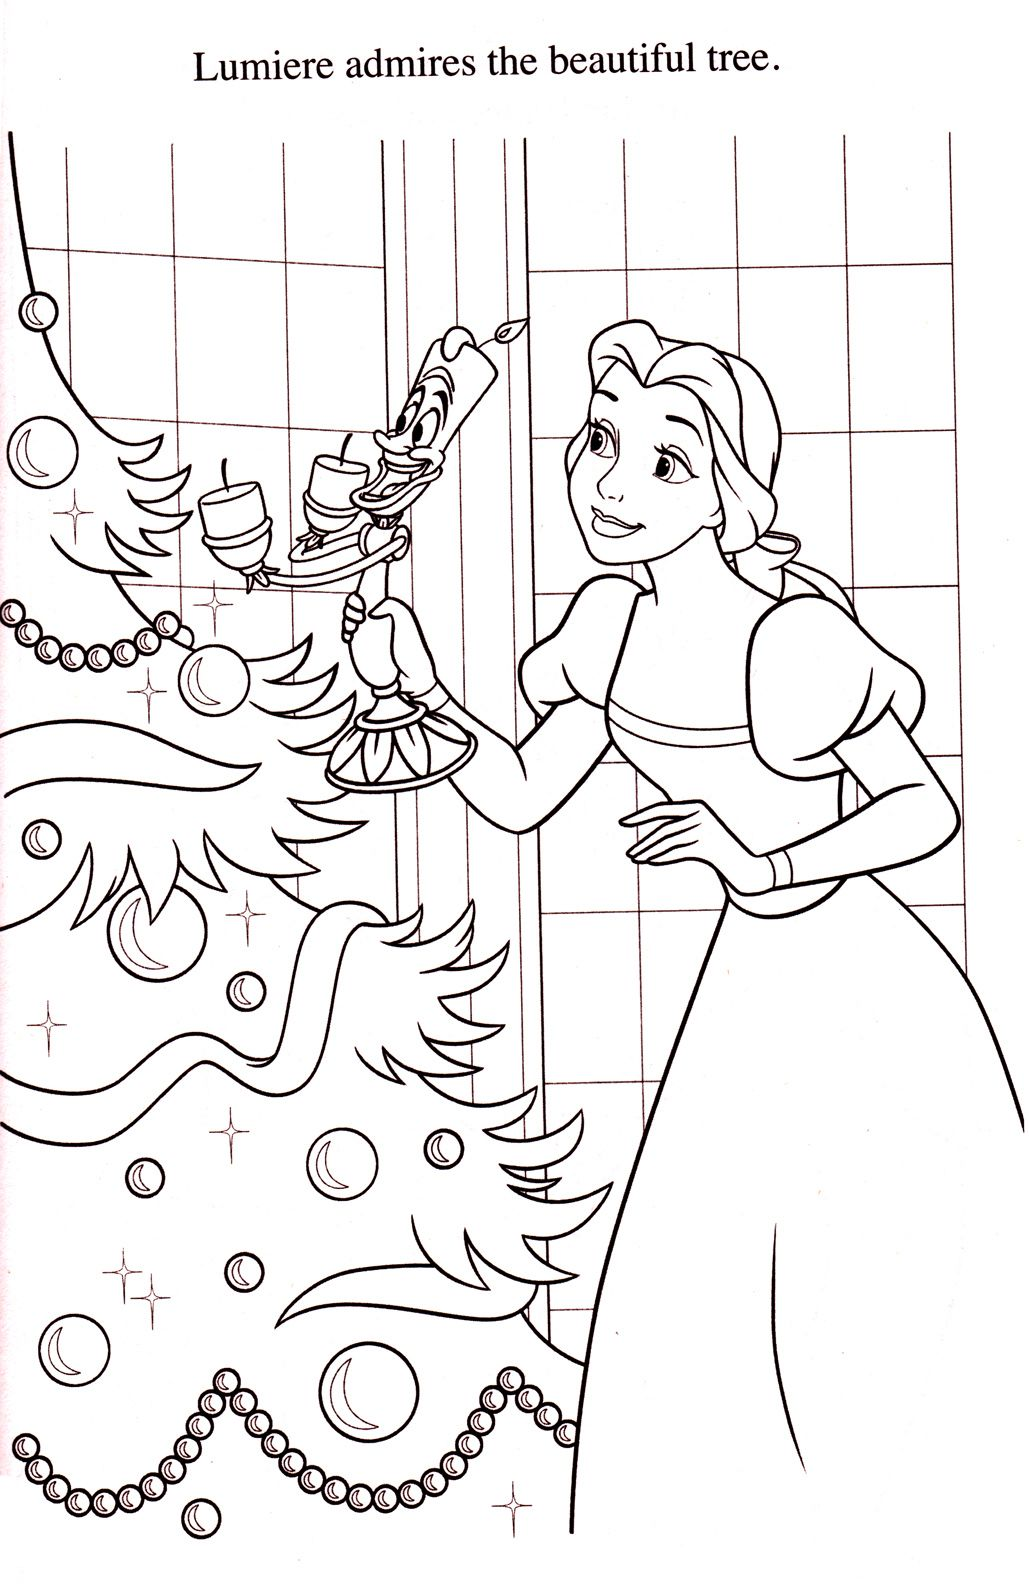 Disney Coloring Pages | para niños | Pinterest | Colorear, Dibujo y ...